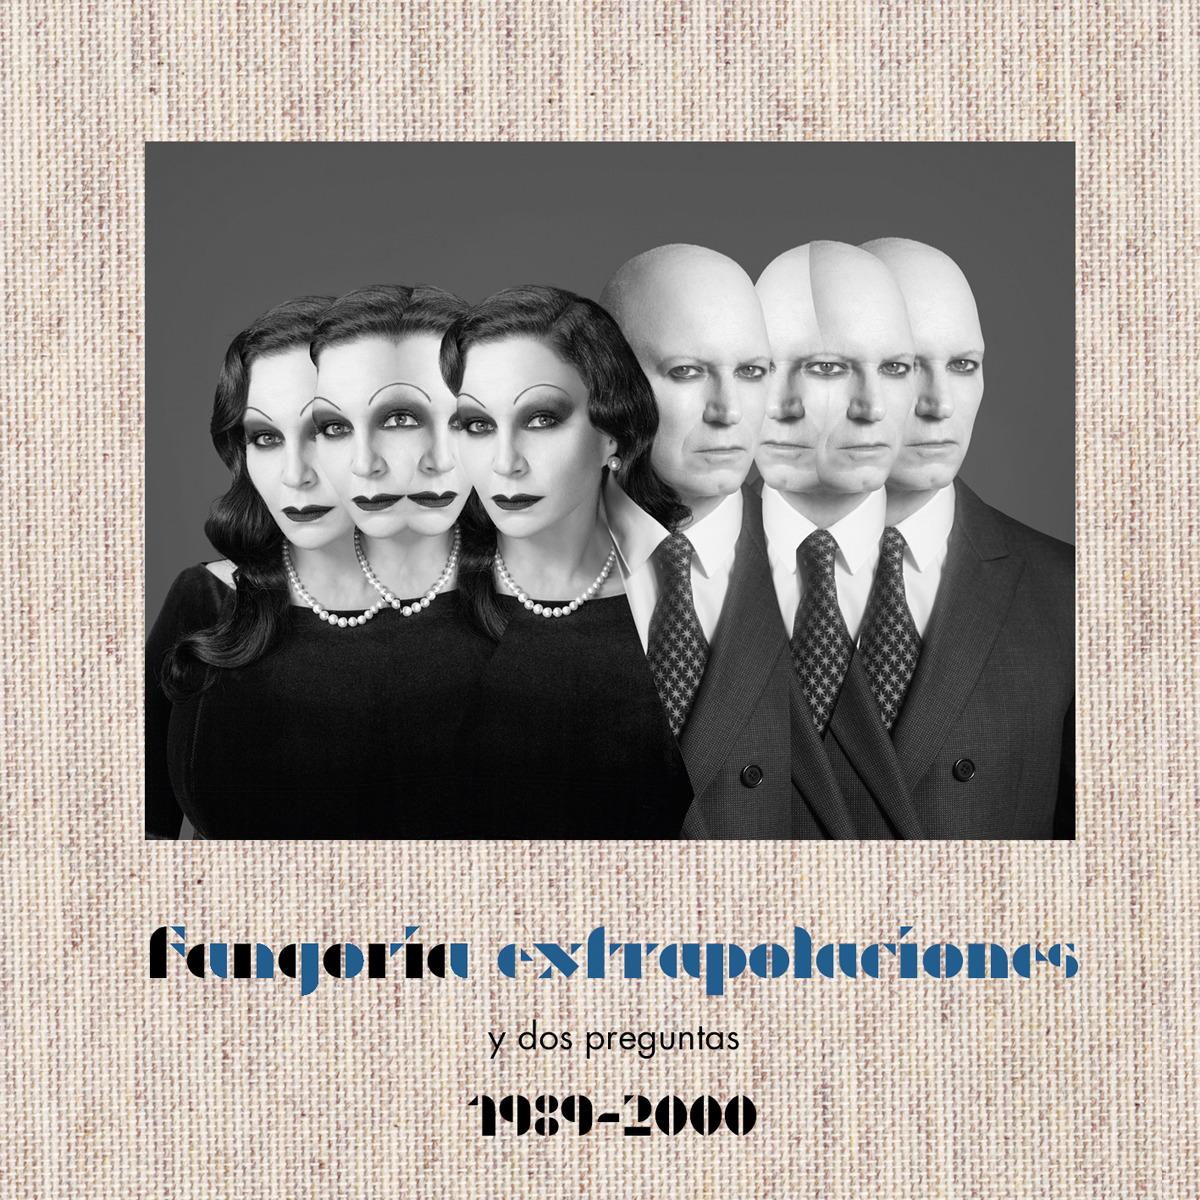 EXTRAPOLACIONES Y DOS PREGUNTAS 1989 2000 -2VINILO + CD-